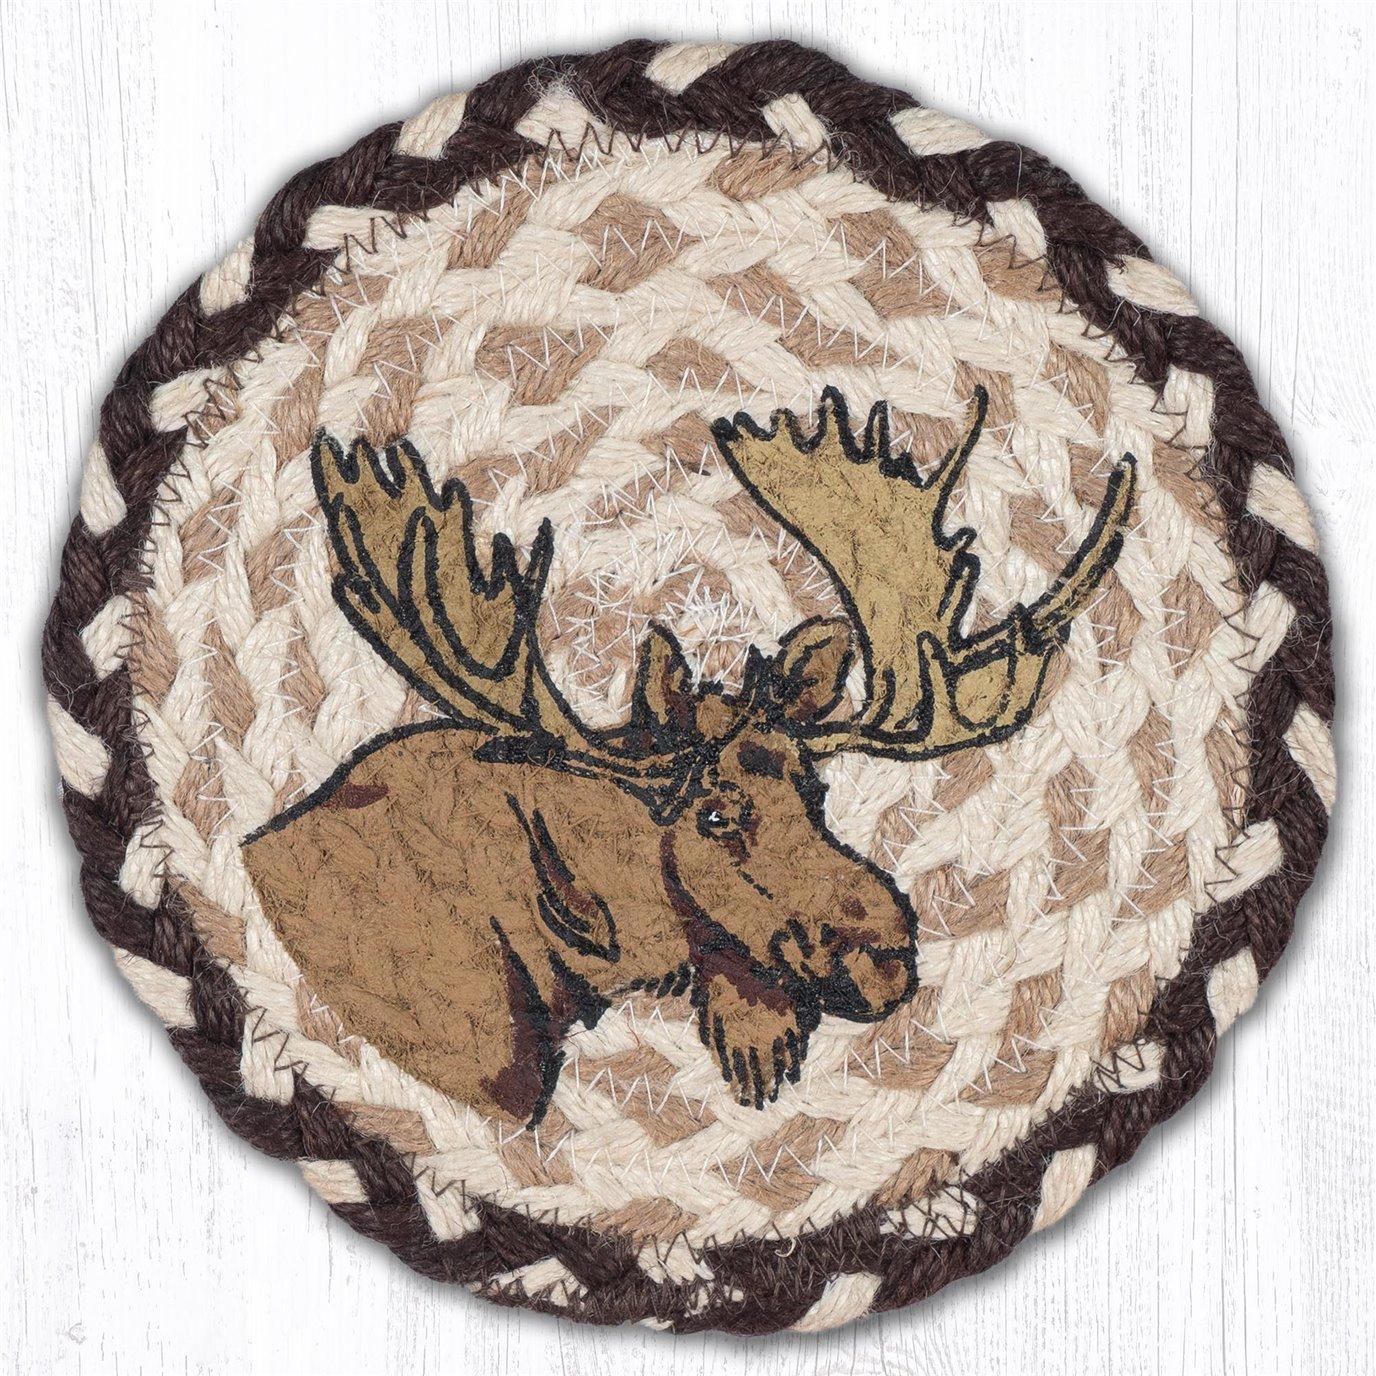 """Moose Round Large Braided Coaster 7""""x7"""" Set of 4"""